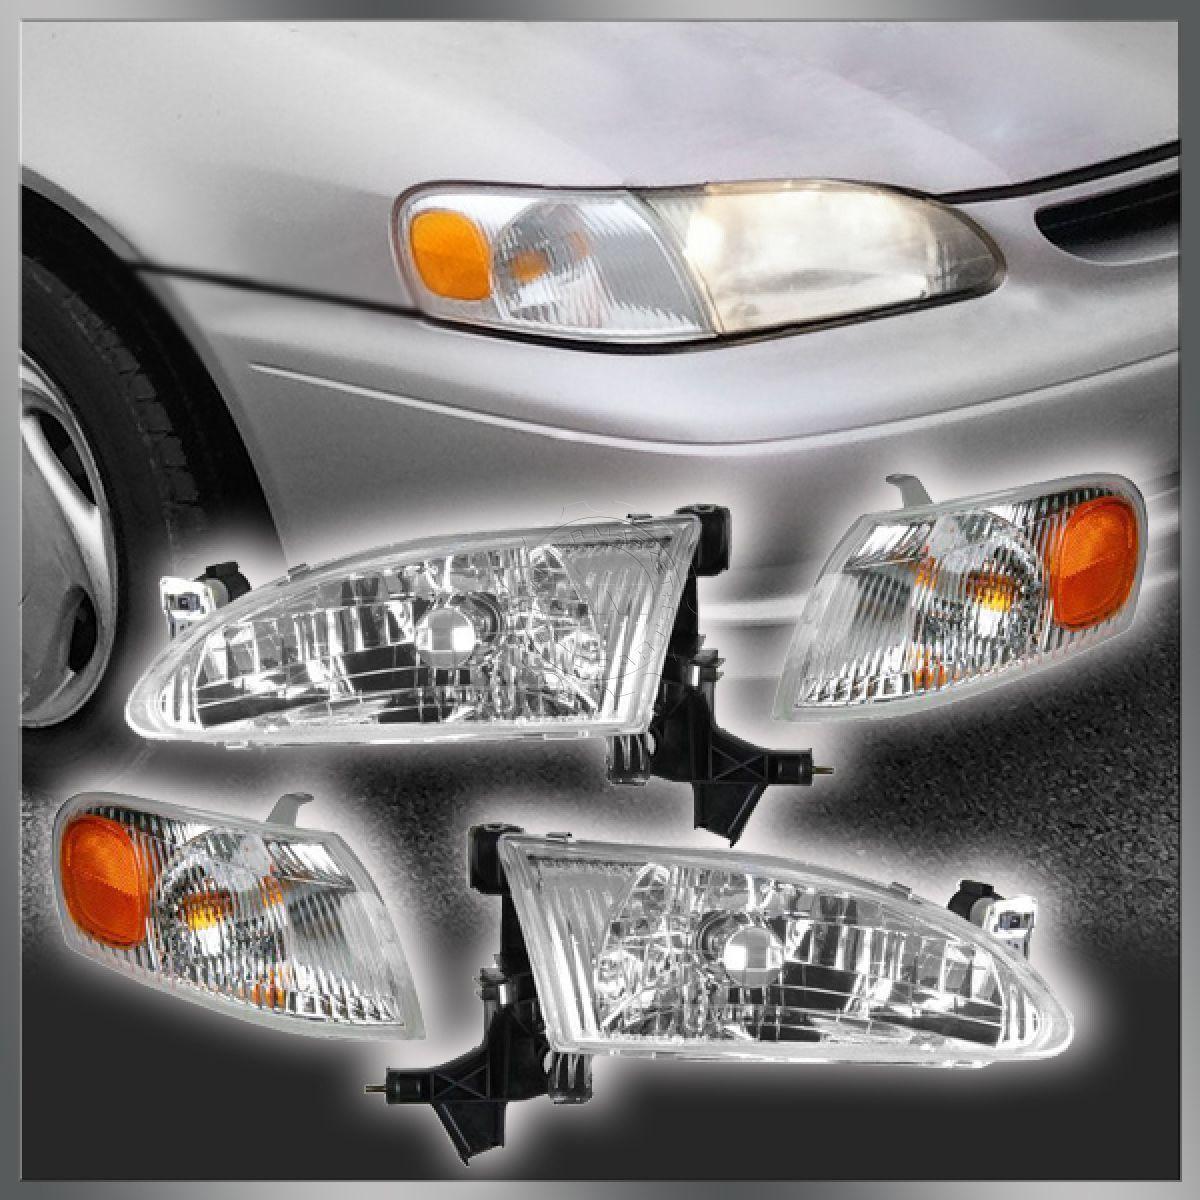 コーナーライト Headlights Headlamps & Corner Parking Lights Kit Set for 98-00 Toyota Corolla ヘッドライトヘッドランプ& コーナーパーキングライトキットセット98-00トヨタカローラ